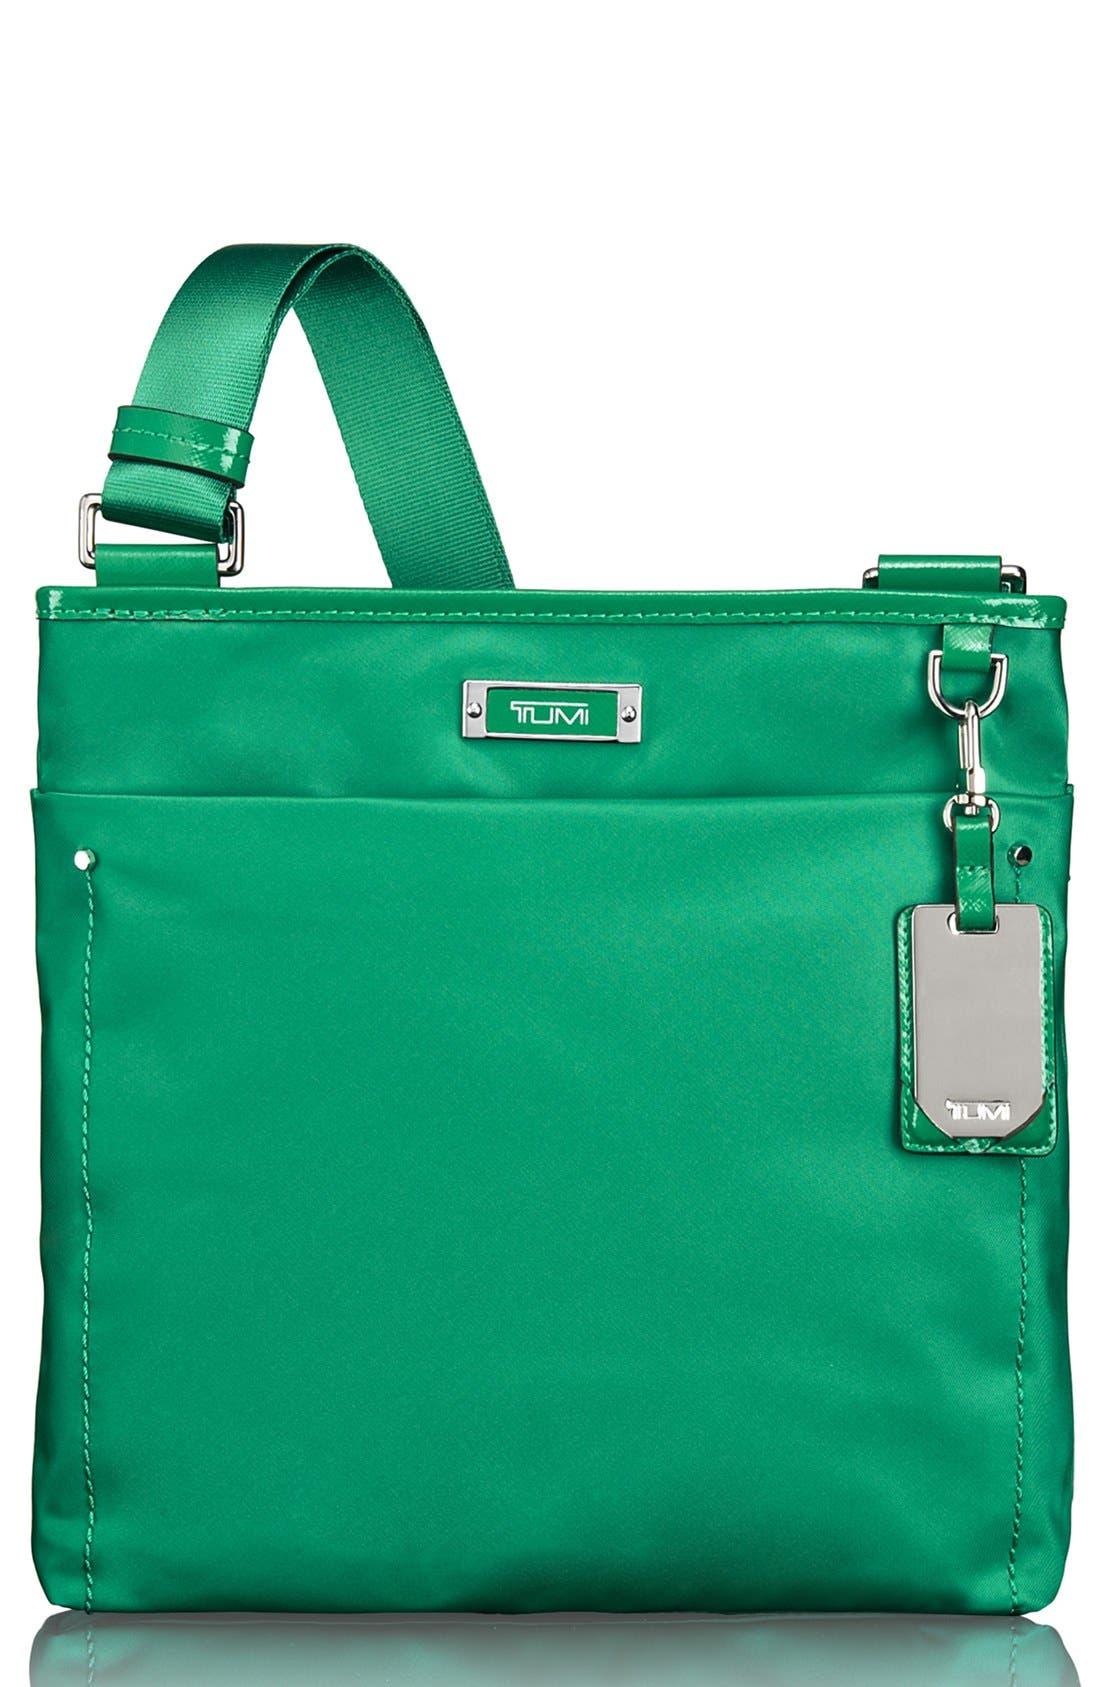 Alternate Image 1 Selected - Tumi 'Voyageur - Capri' Crossbody Bag